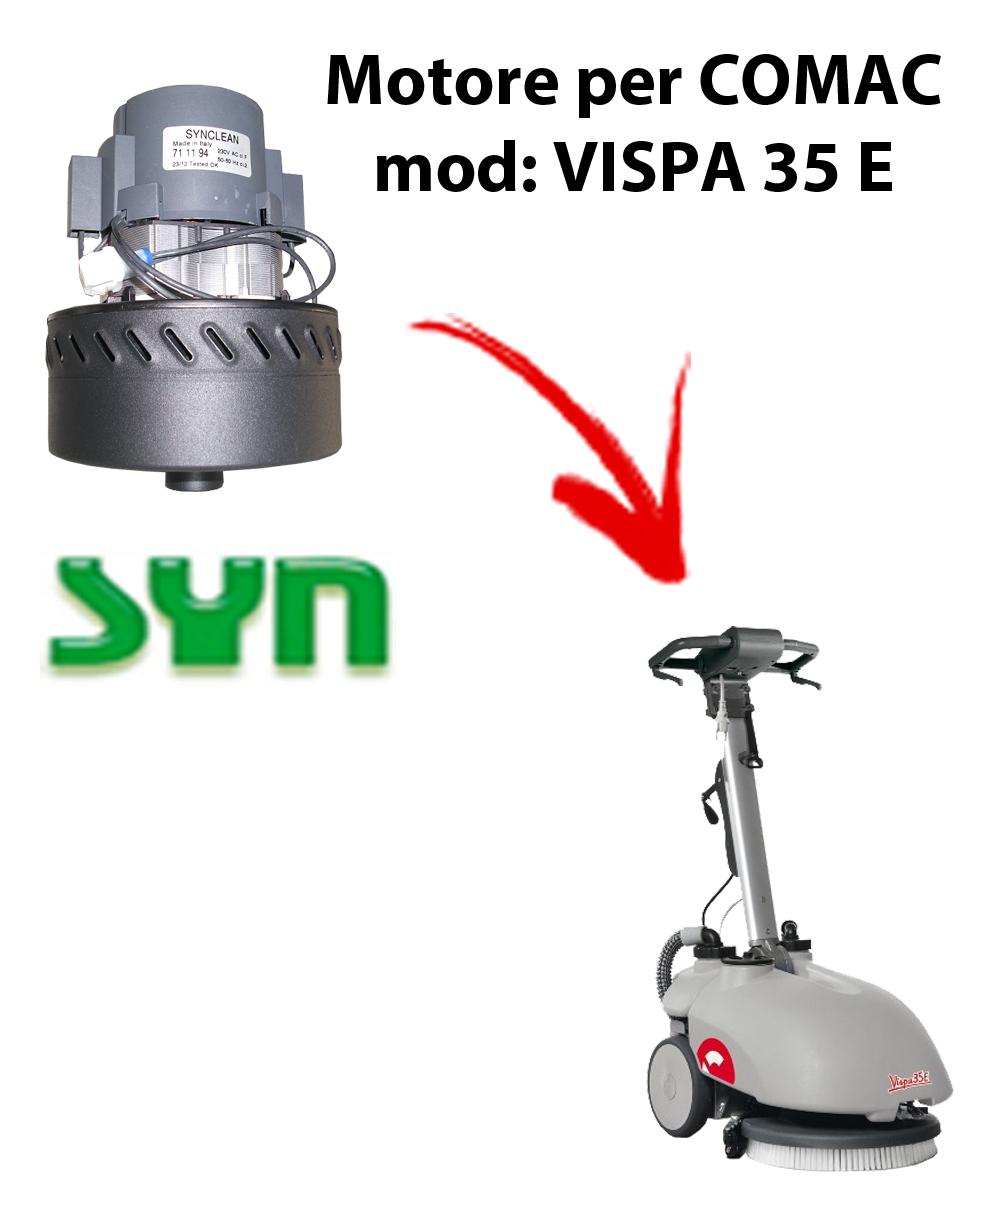 VISPA 35 E Motore de aspiración SYN para fregadora Comac